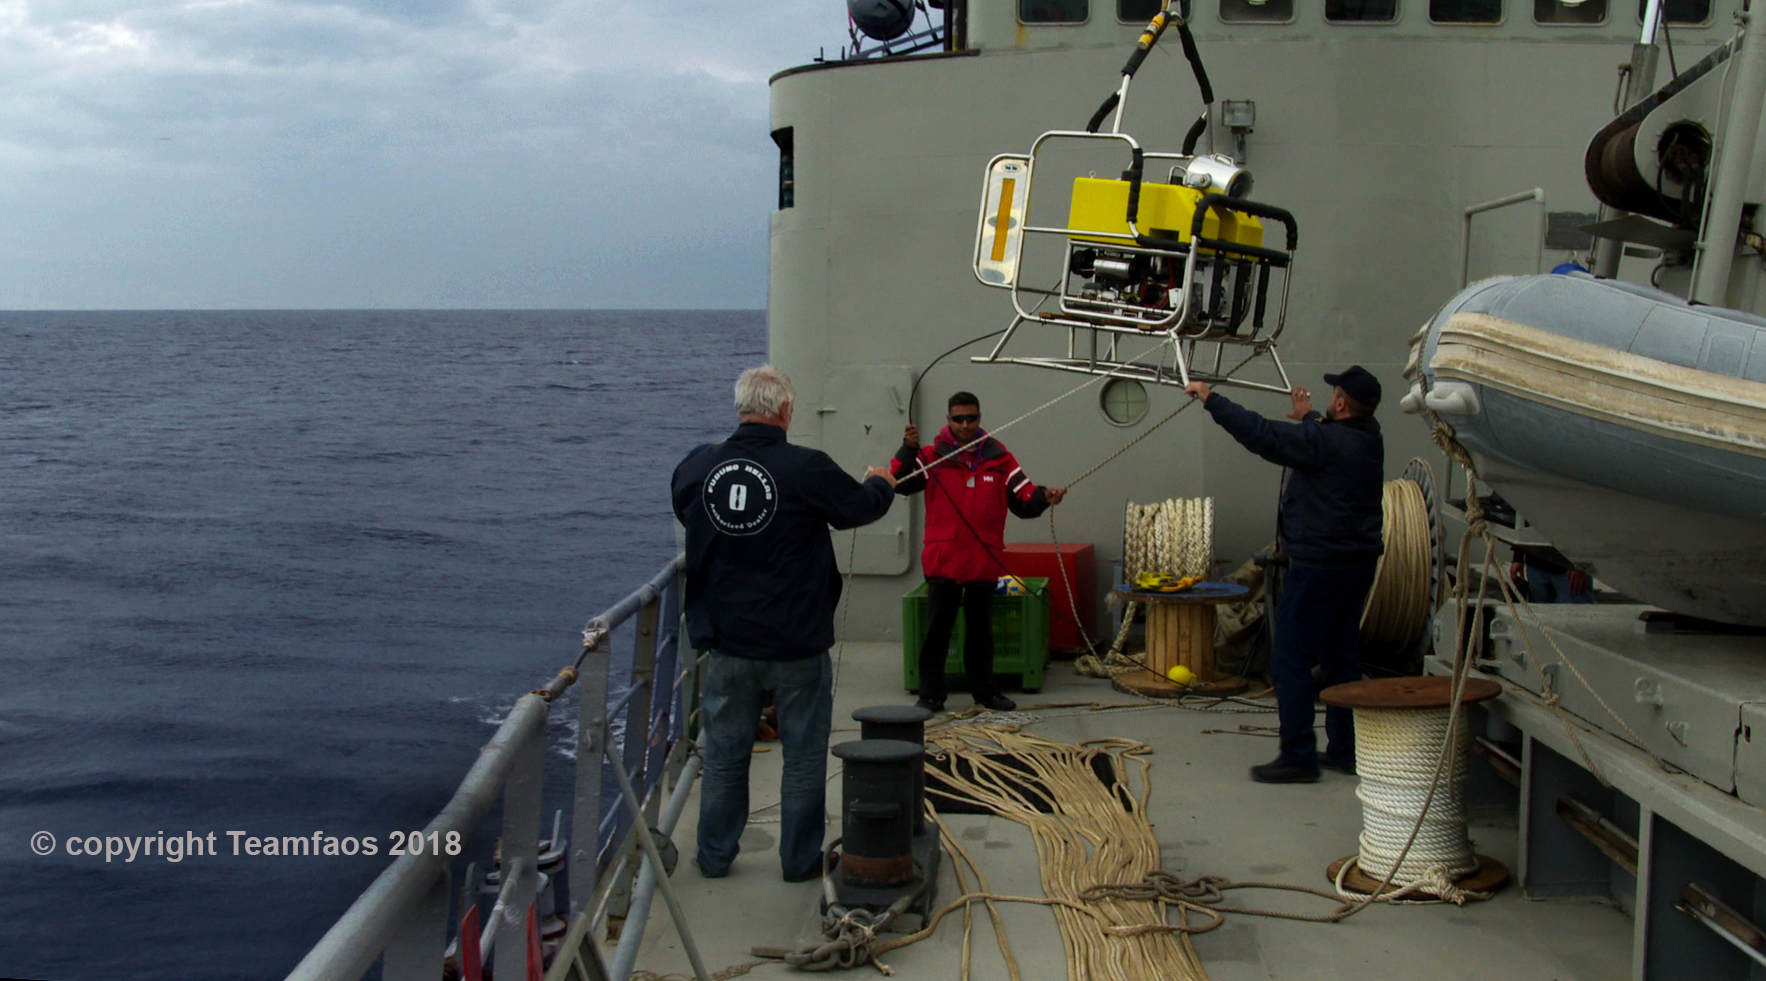 Σύγχρονα τεχνικά μέσα απαιτήθηκαν για την κινηματογράφηση του ναυαγίου, όπως το εικονιζόμενο ρομποτικό μη επανδρωμένο υποβρύχιο τηλεχειριζόμενο όχημα.